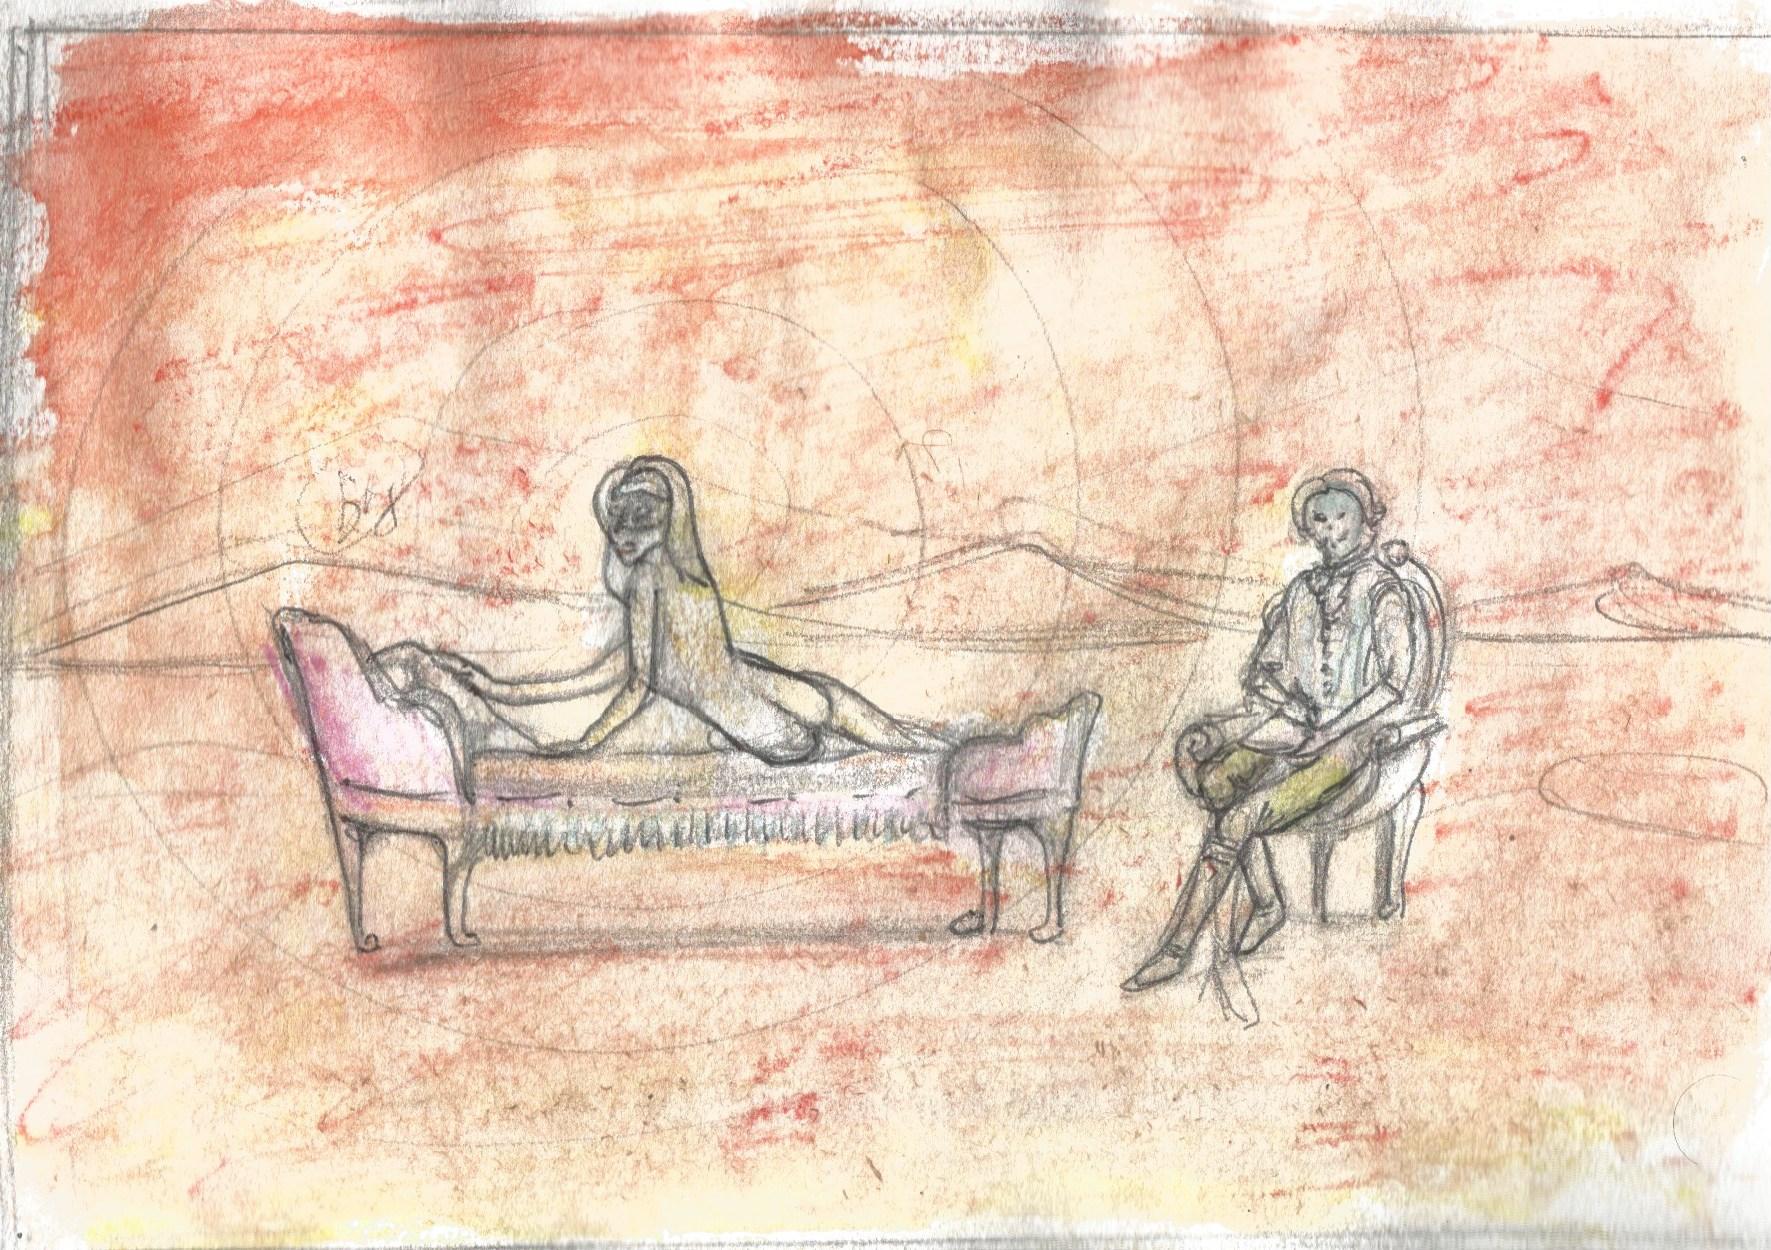 Alkalart - Nua Collective - Artist - Sketch - Desire